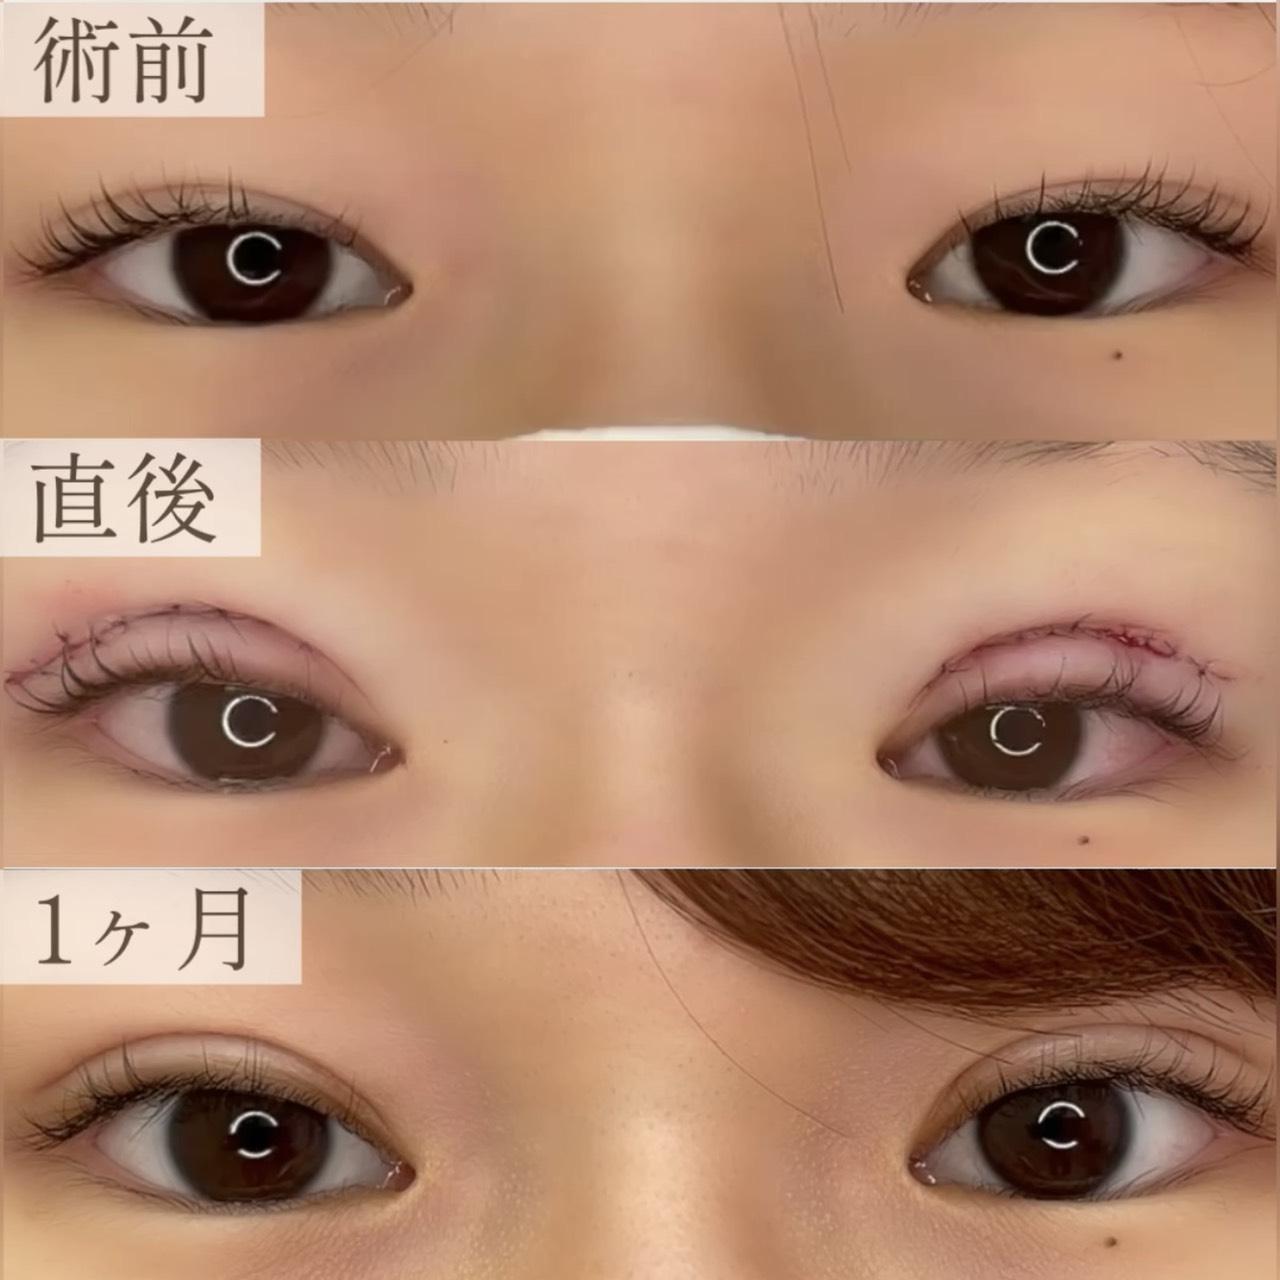 眼瞼下垂併用全切開の画像